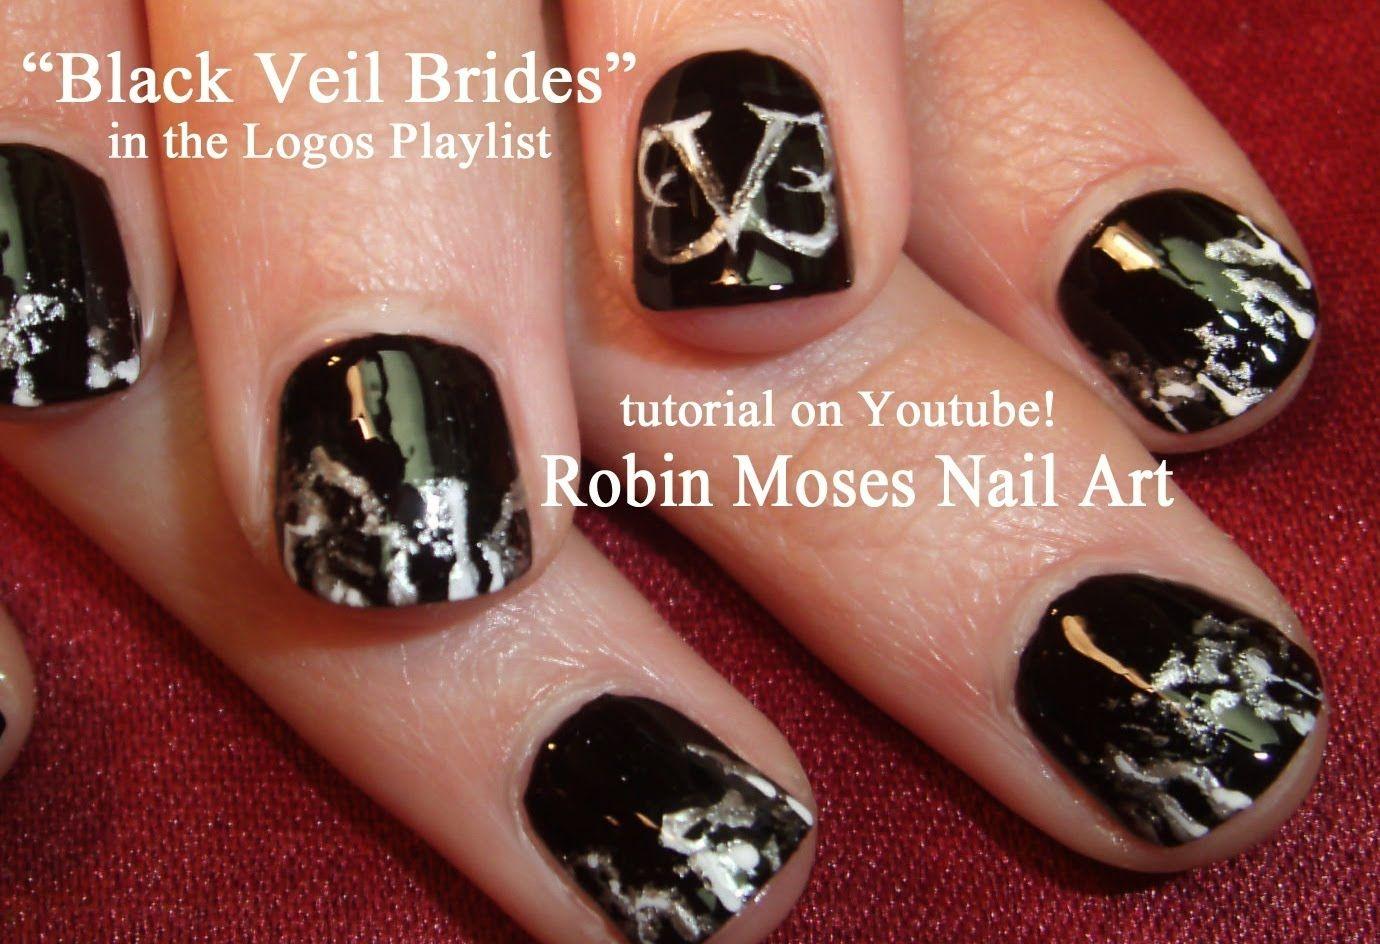 Black Veil Brides Nail Art | Cartoons, Logos & Faces NAIL ART by ...